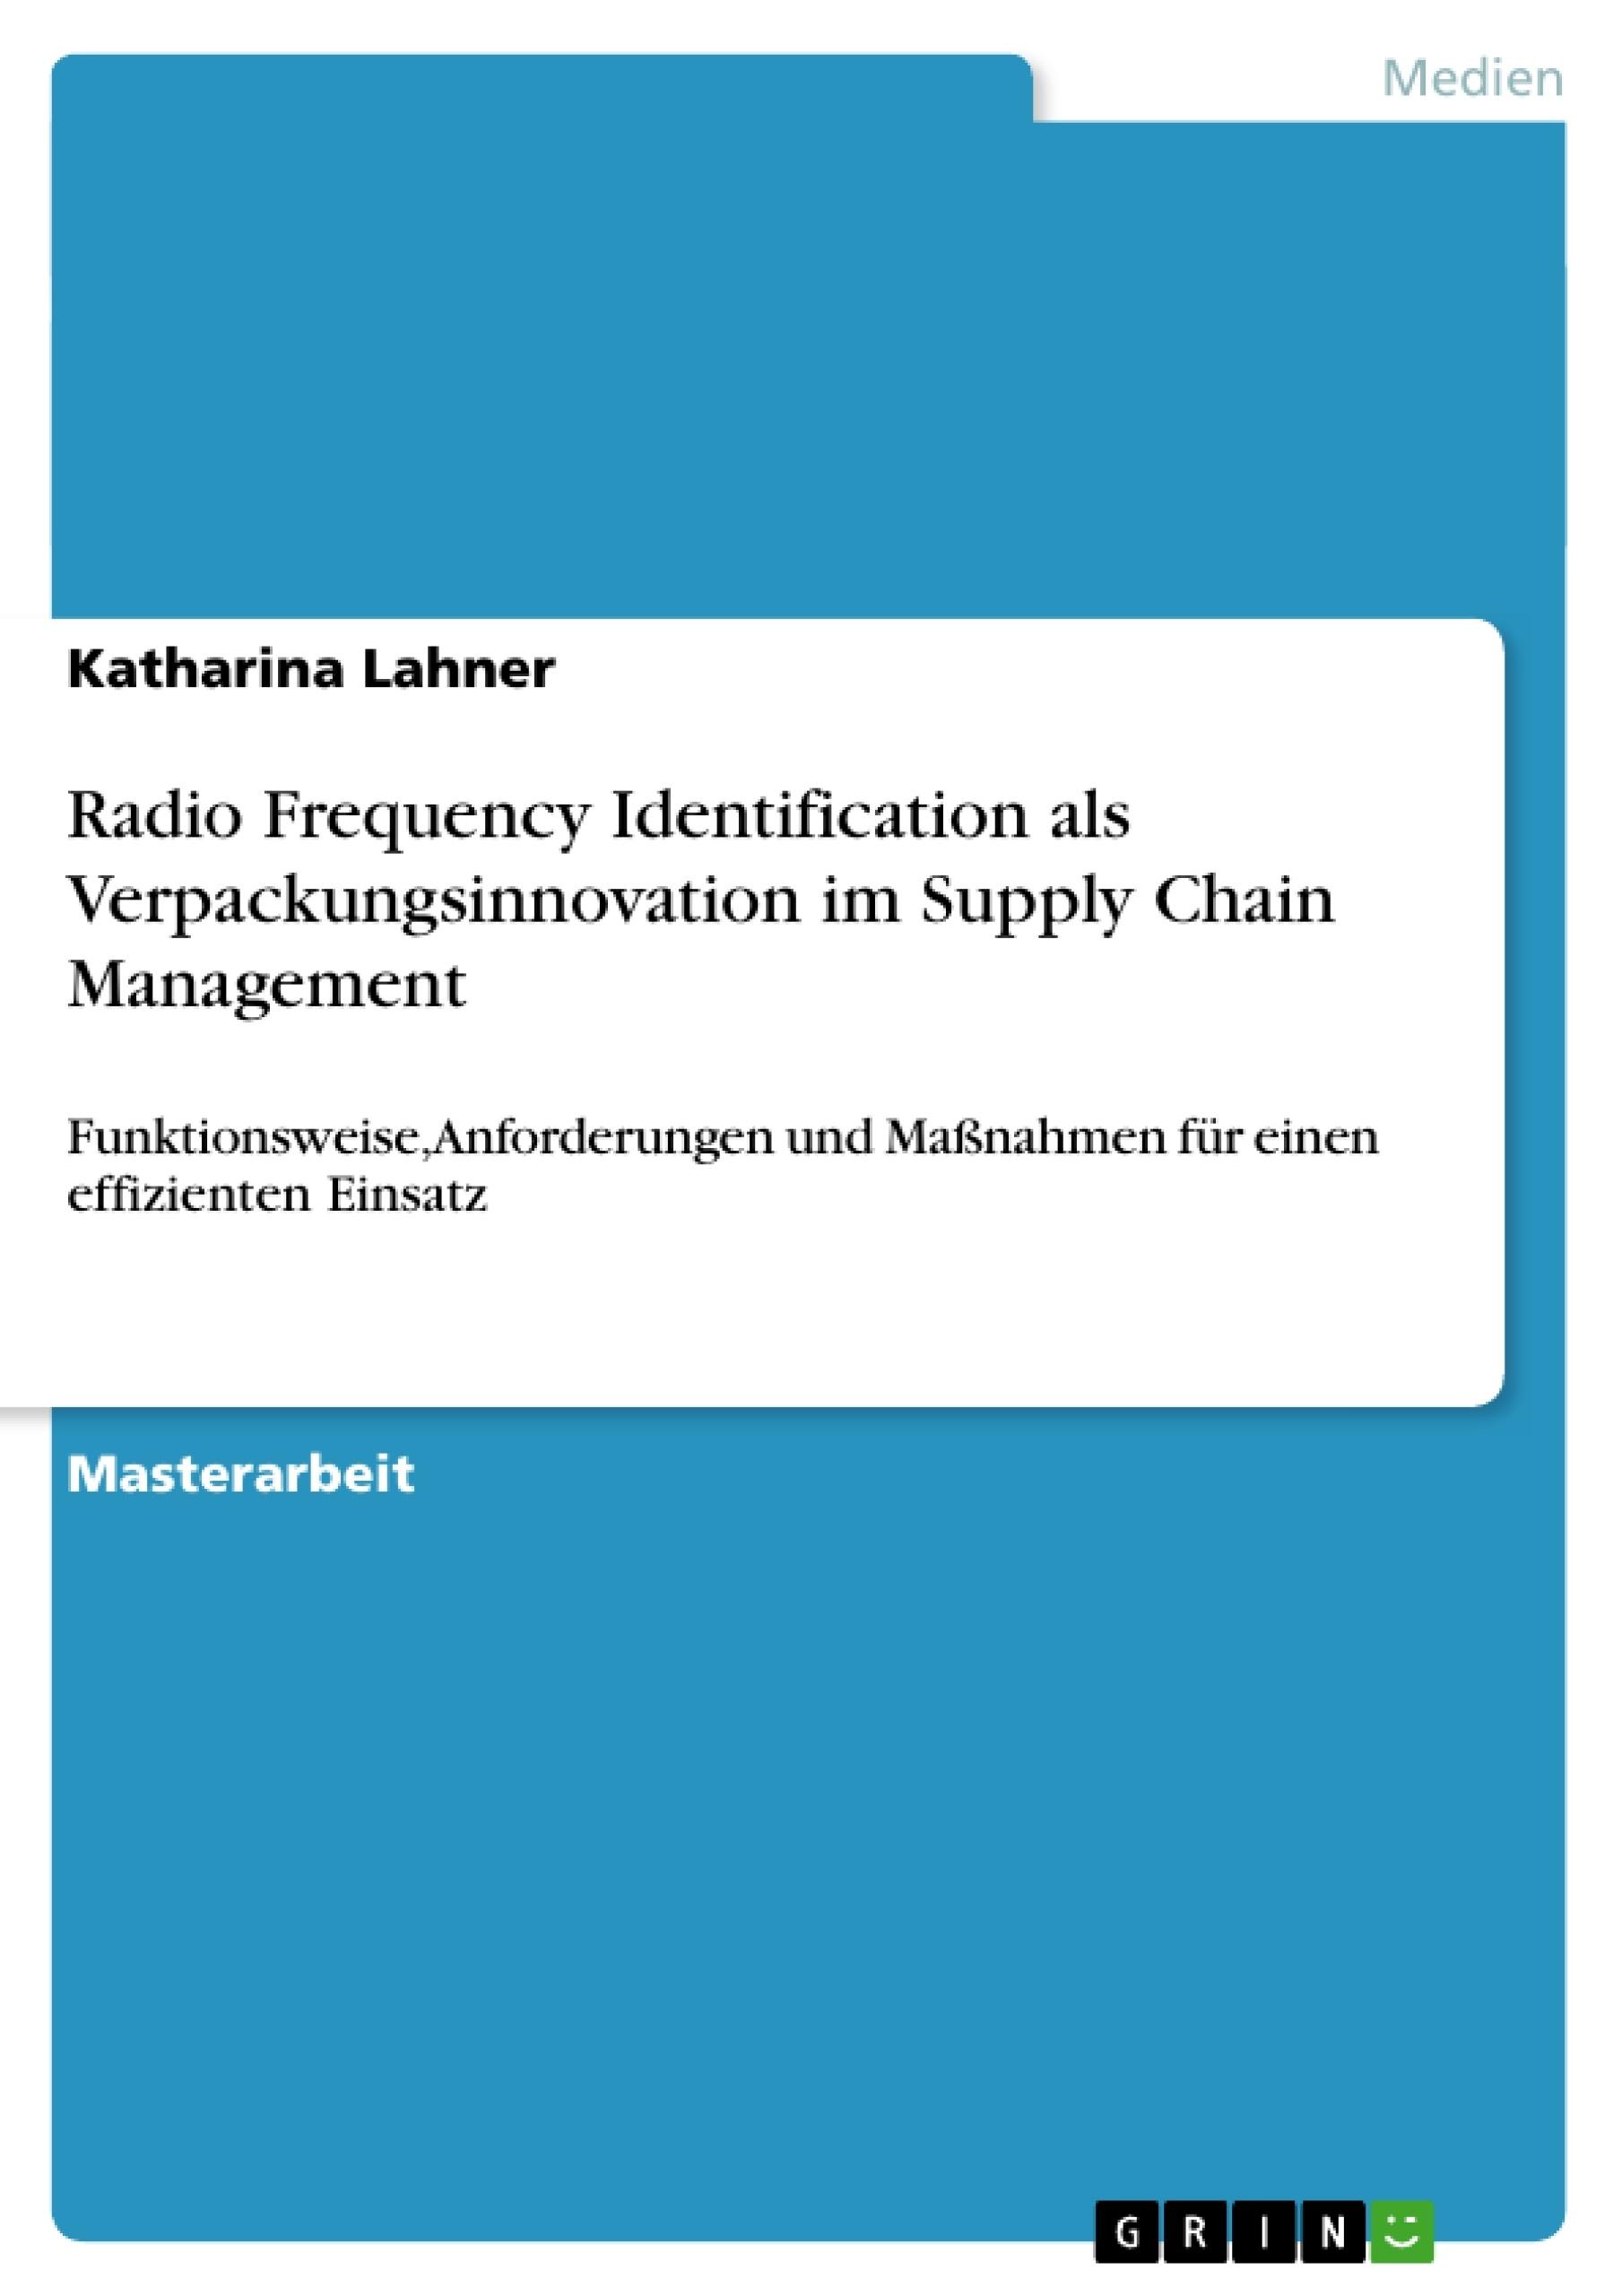 Titel: Radio Frequency Identification als Verpackungsinnovation im Supply Chain Management